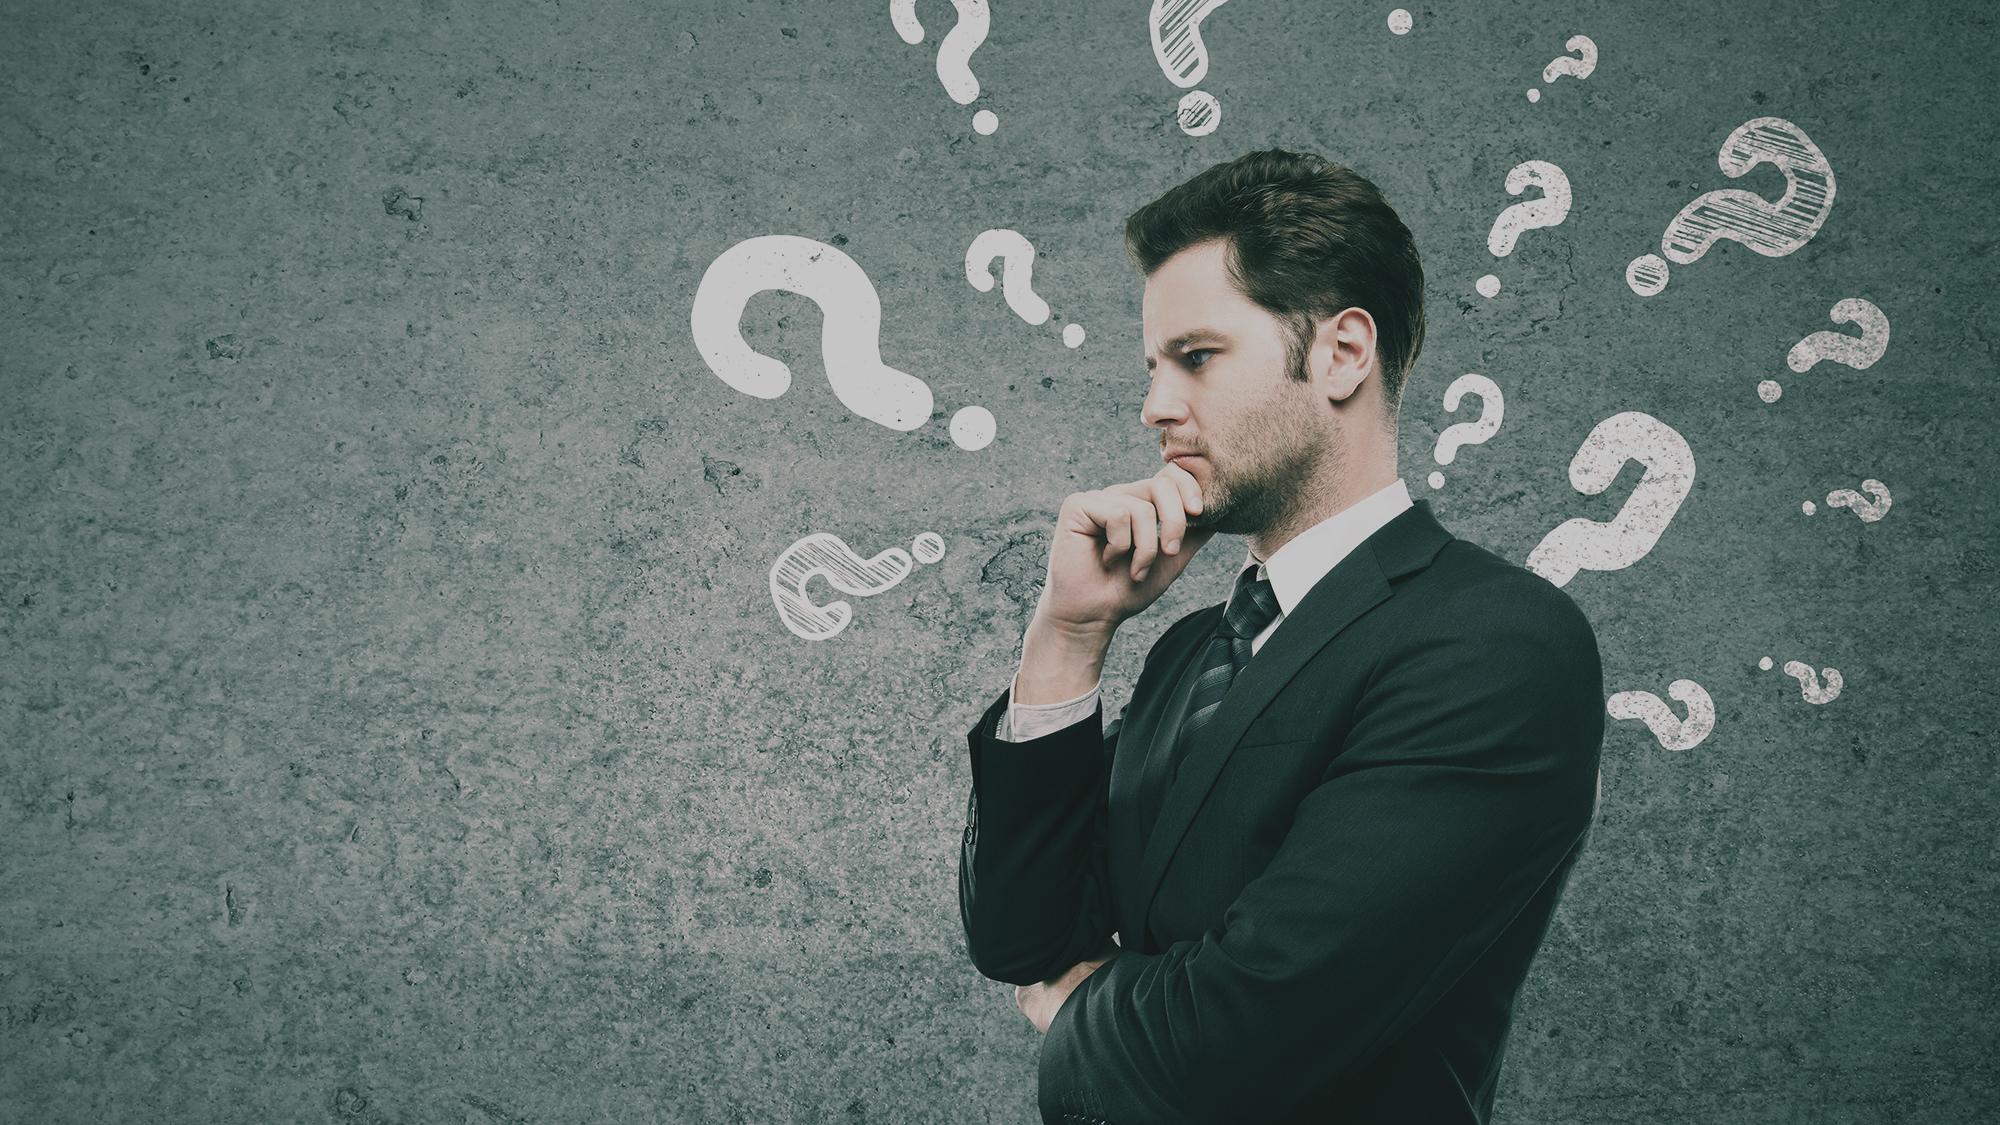 Blijf jezelf vragen stellen - het belang van reflectie bij belangrijke carrièrestappen of moeilijke beslissingen